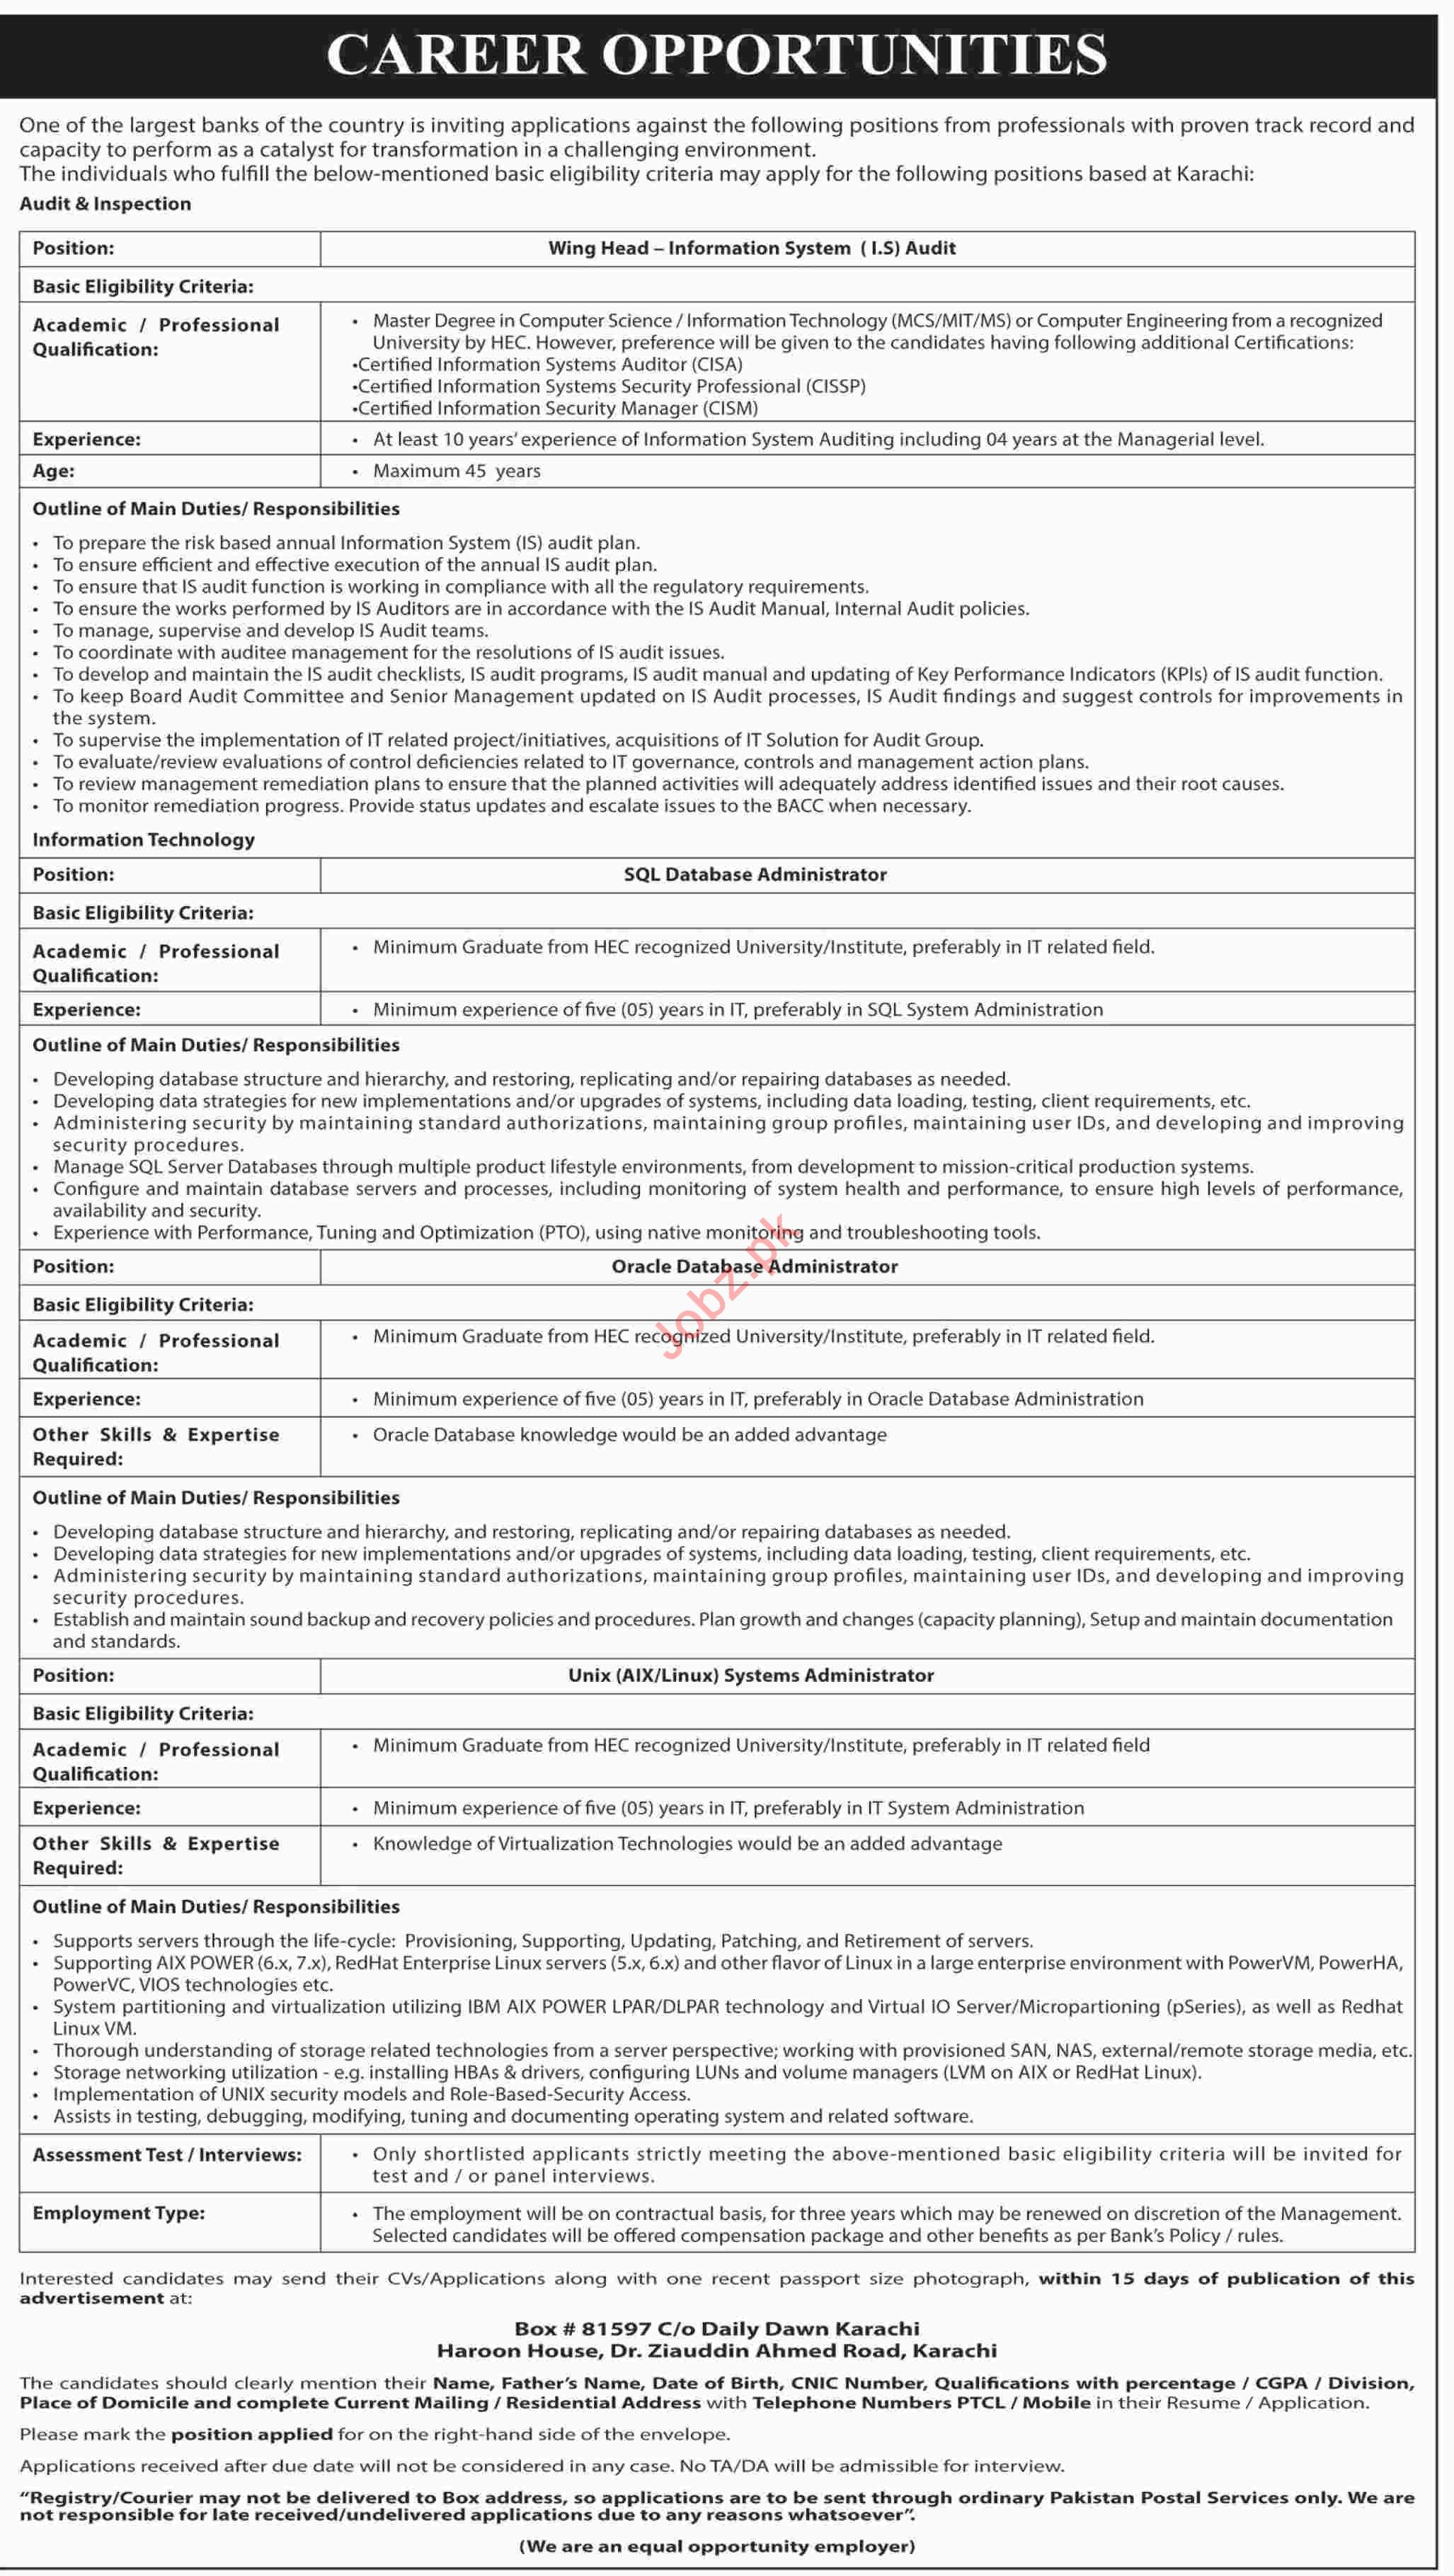 Commercial Banks Jobs 2019 in Karachi